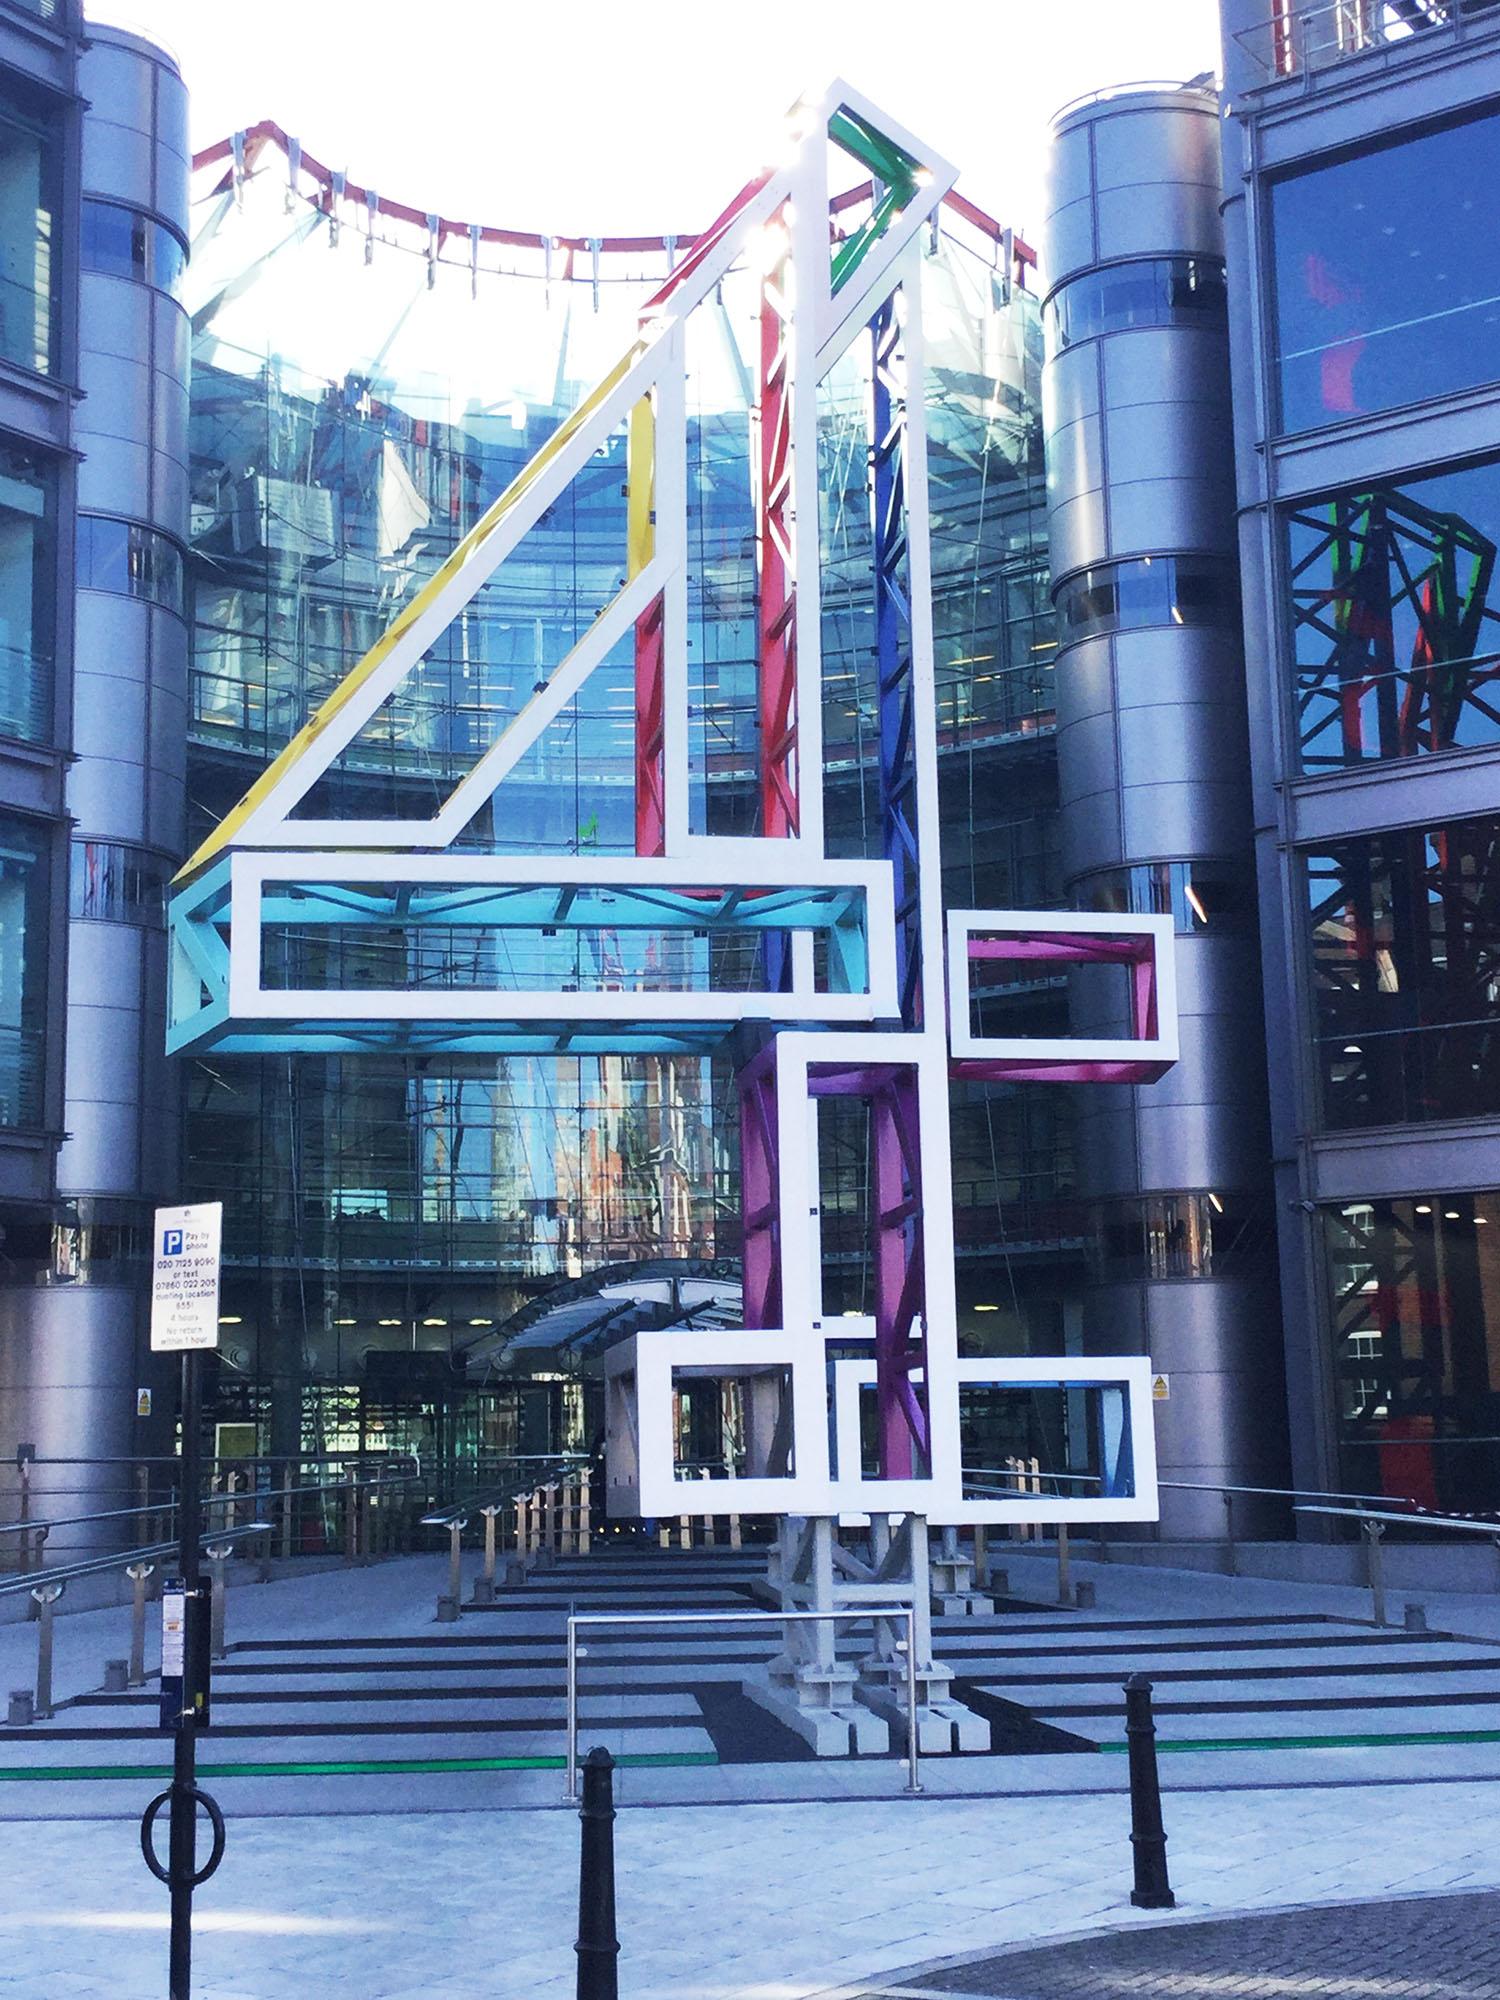 イギリスロンドンにある国営放送局「チャンネル4」本社(撮影:越智貴雄)